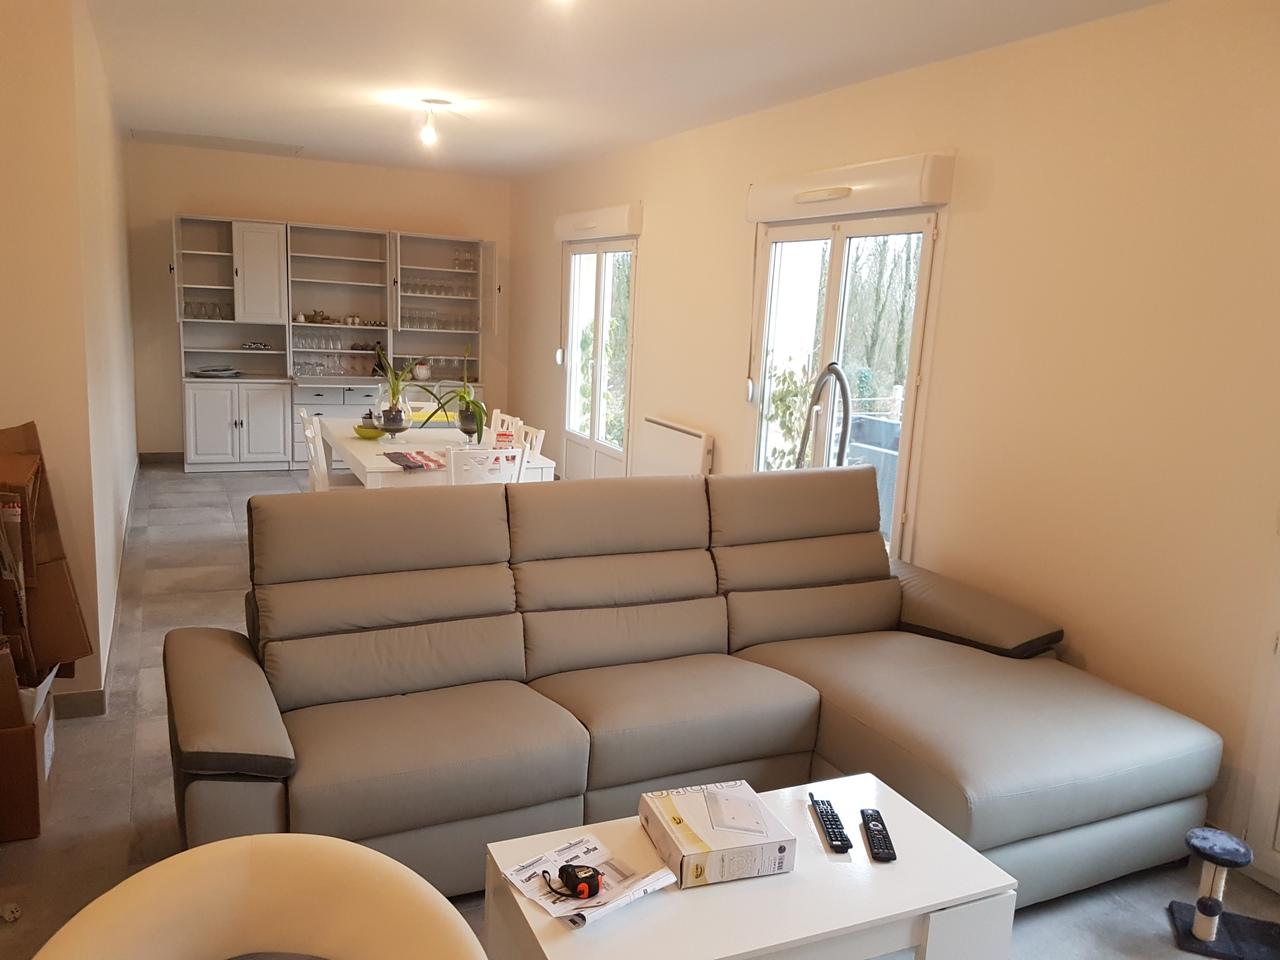 Réaménagement d'une maison à Saint Longis (72)